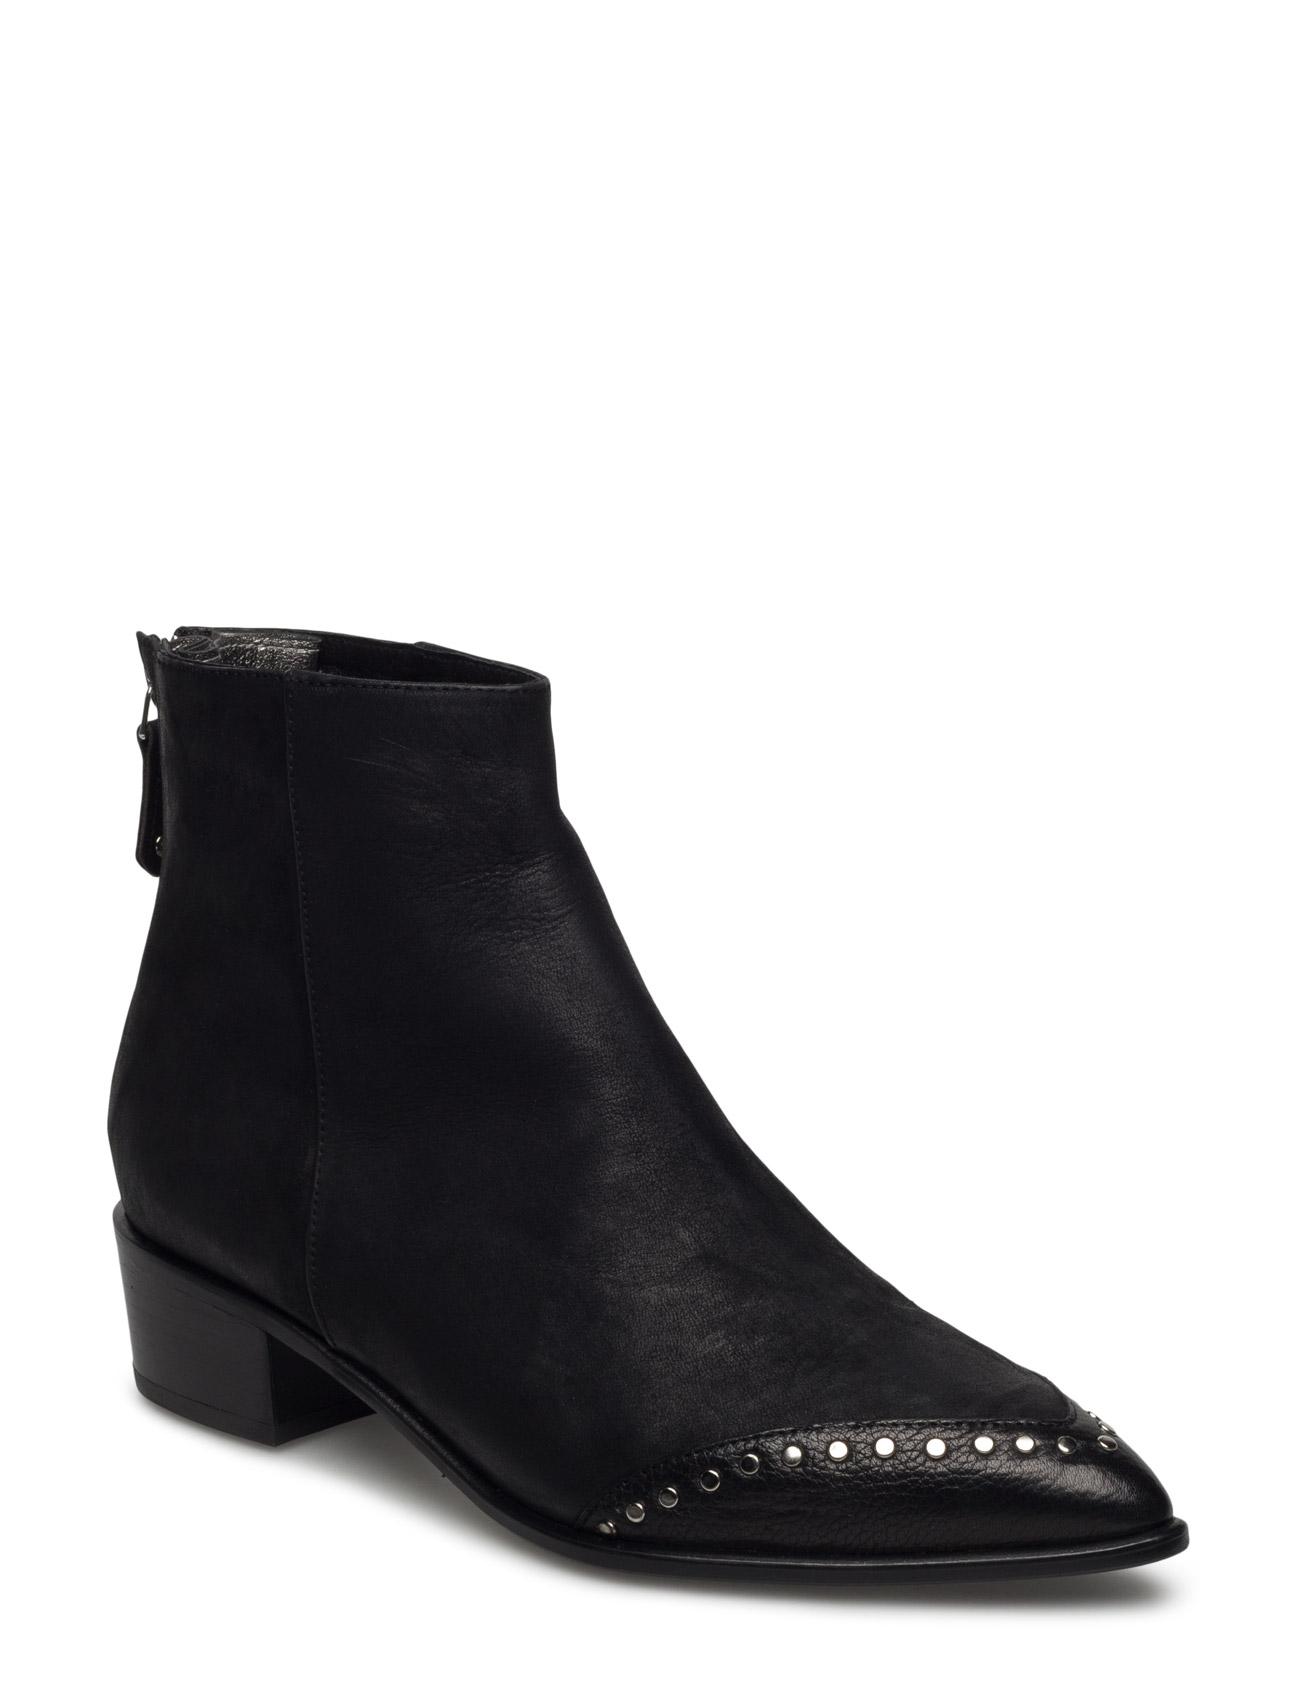 d435ec0d942 Supercoola Boots Billi Bi Stövlar till Kvinnor i skönt material ...